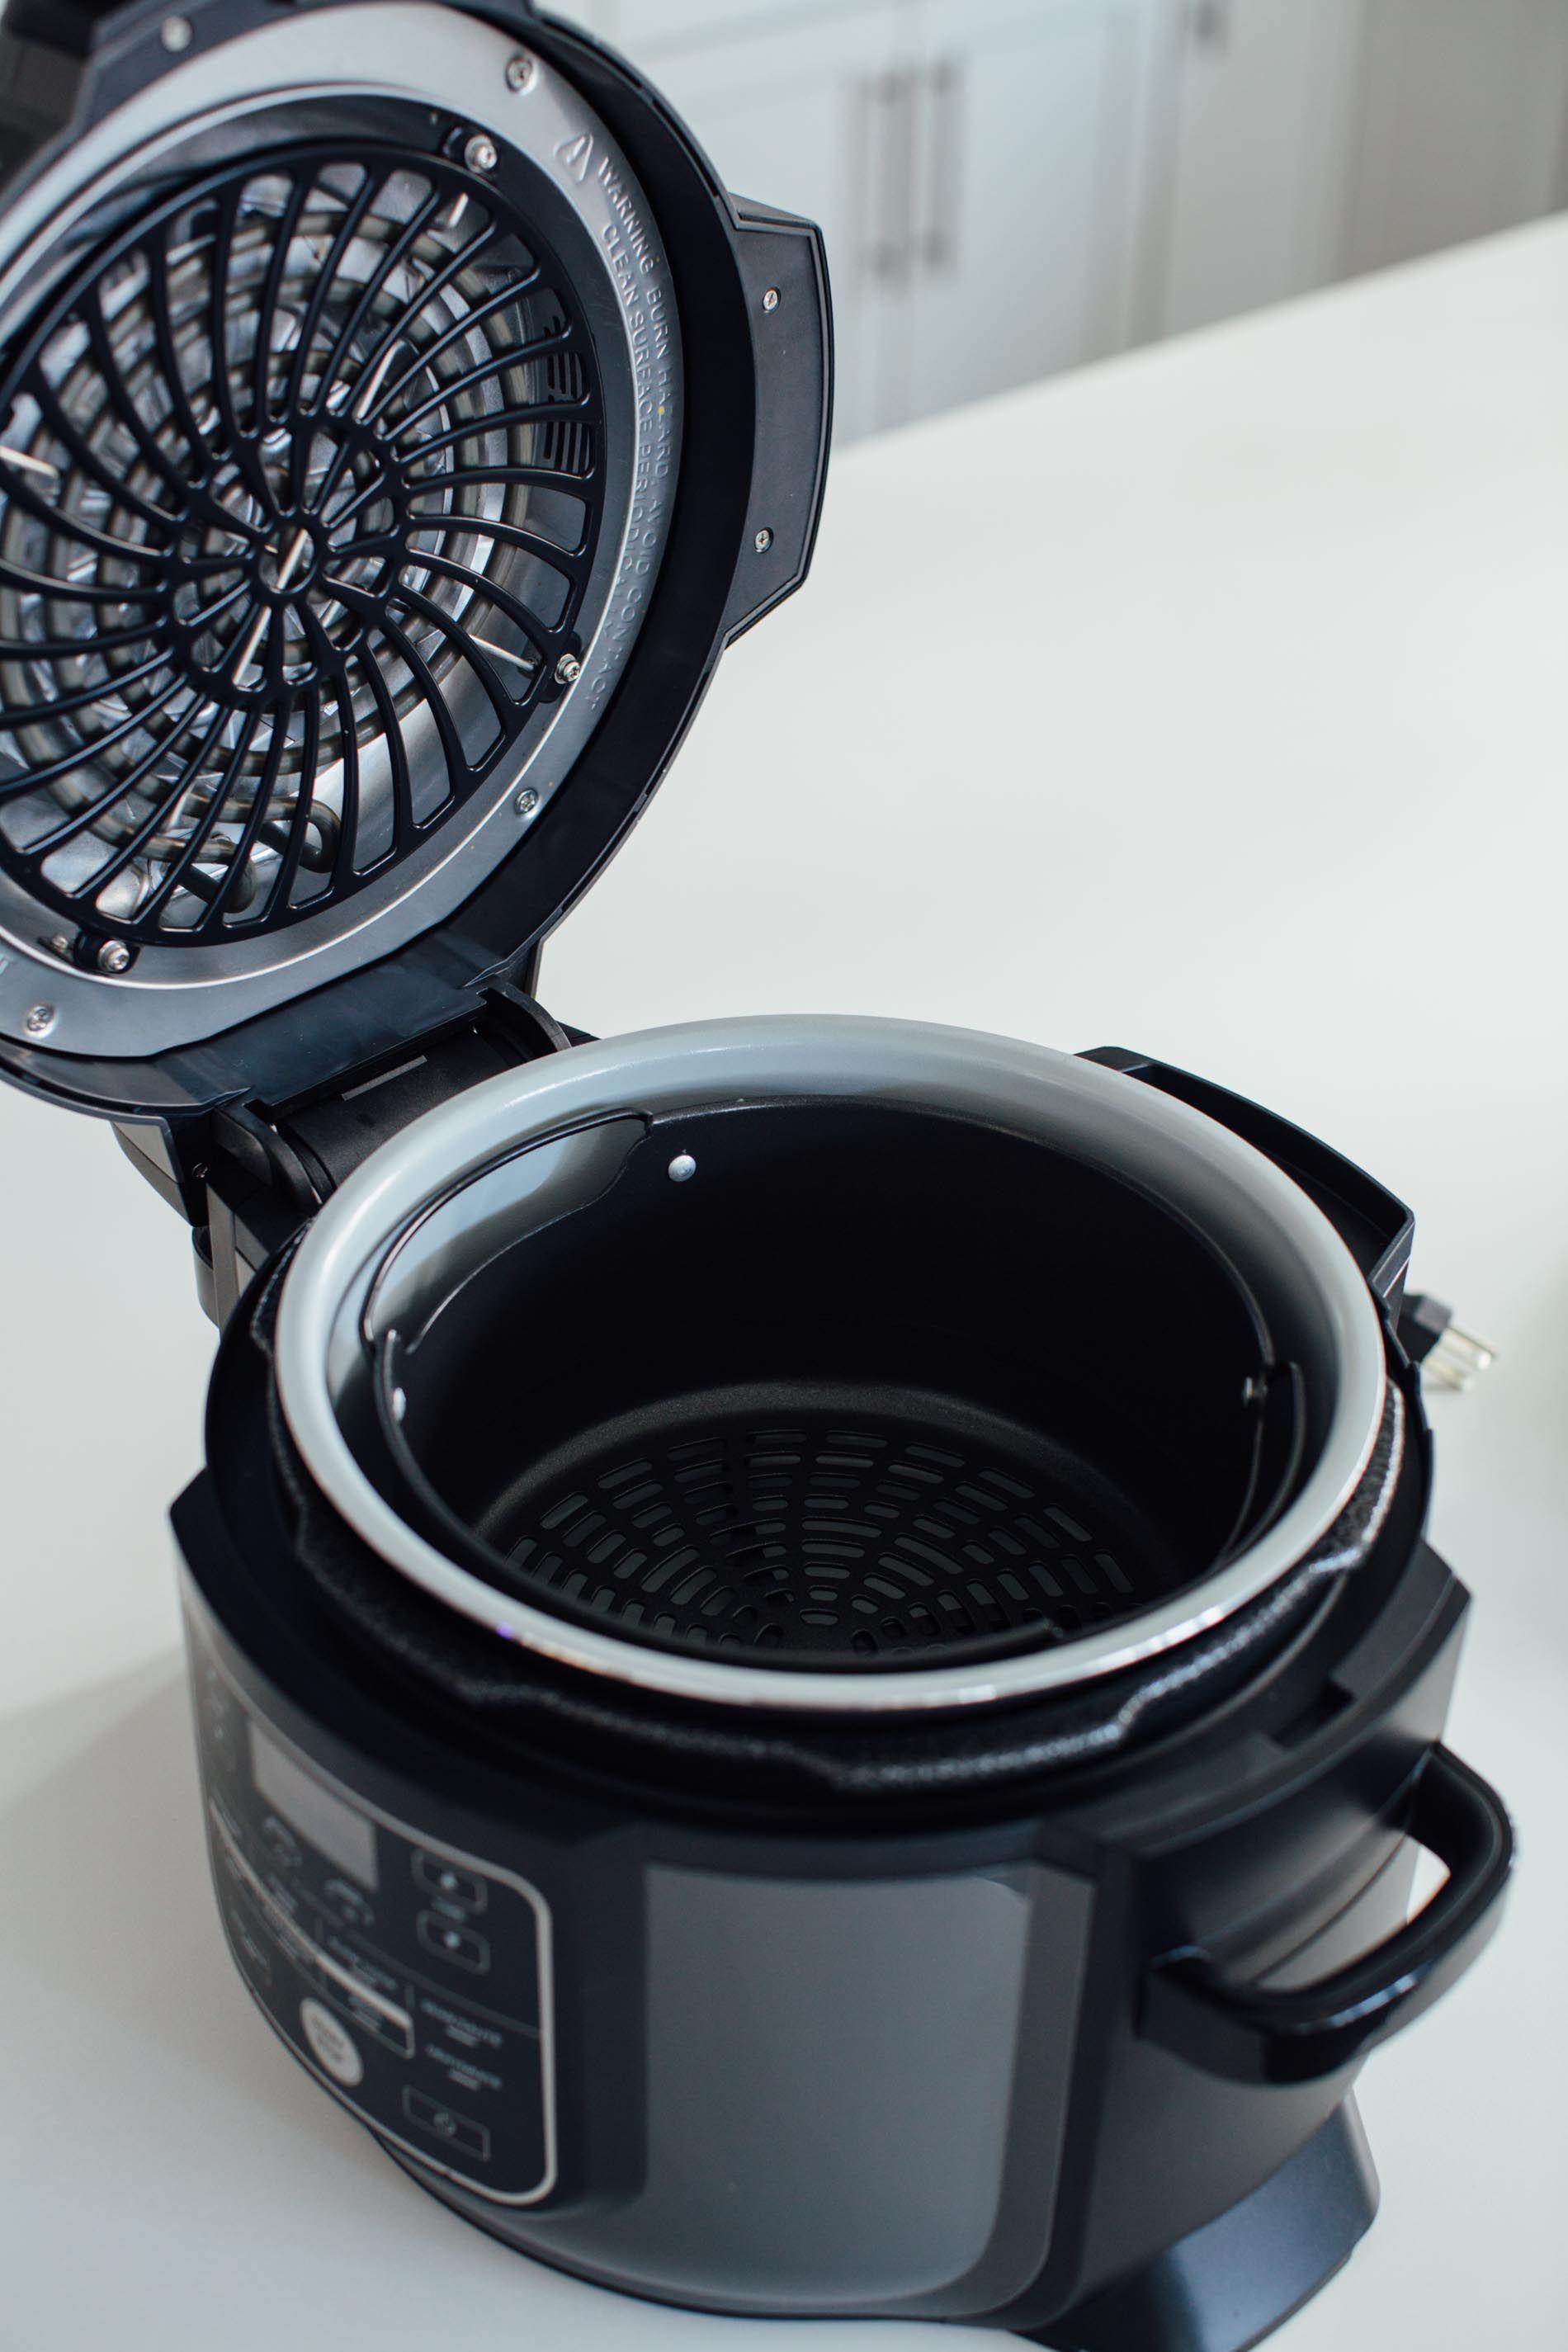 Instant Pot or Ninja Foodi? Pressure Cooker and Air